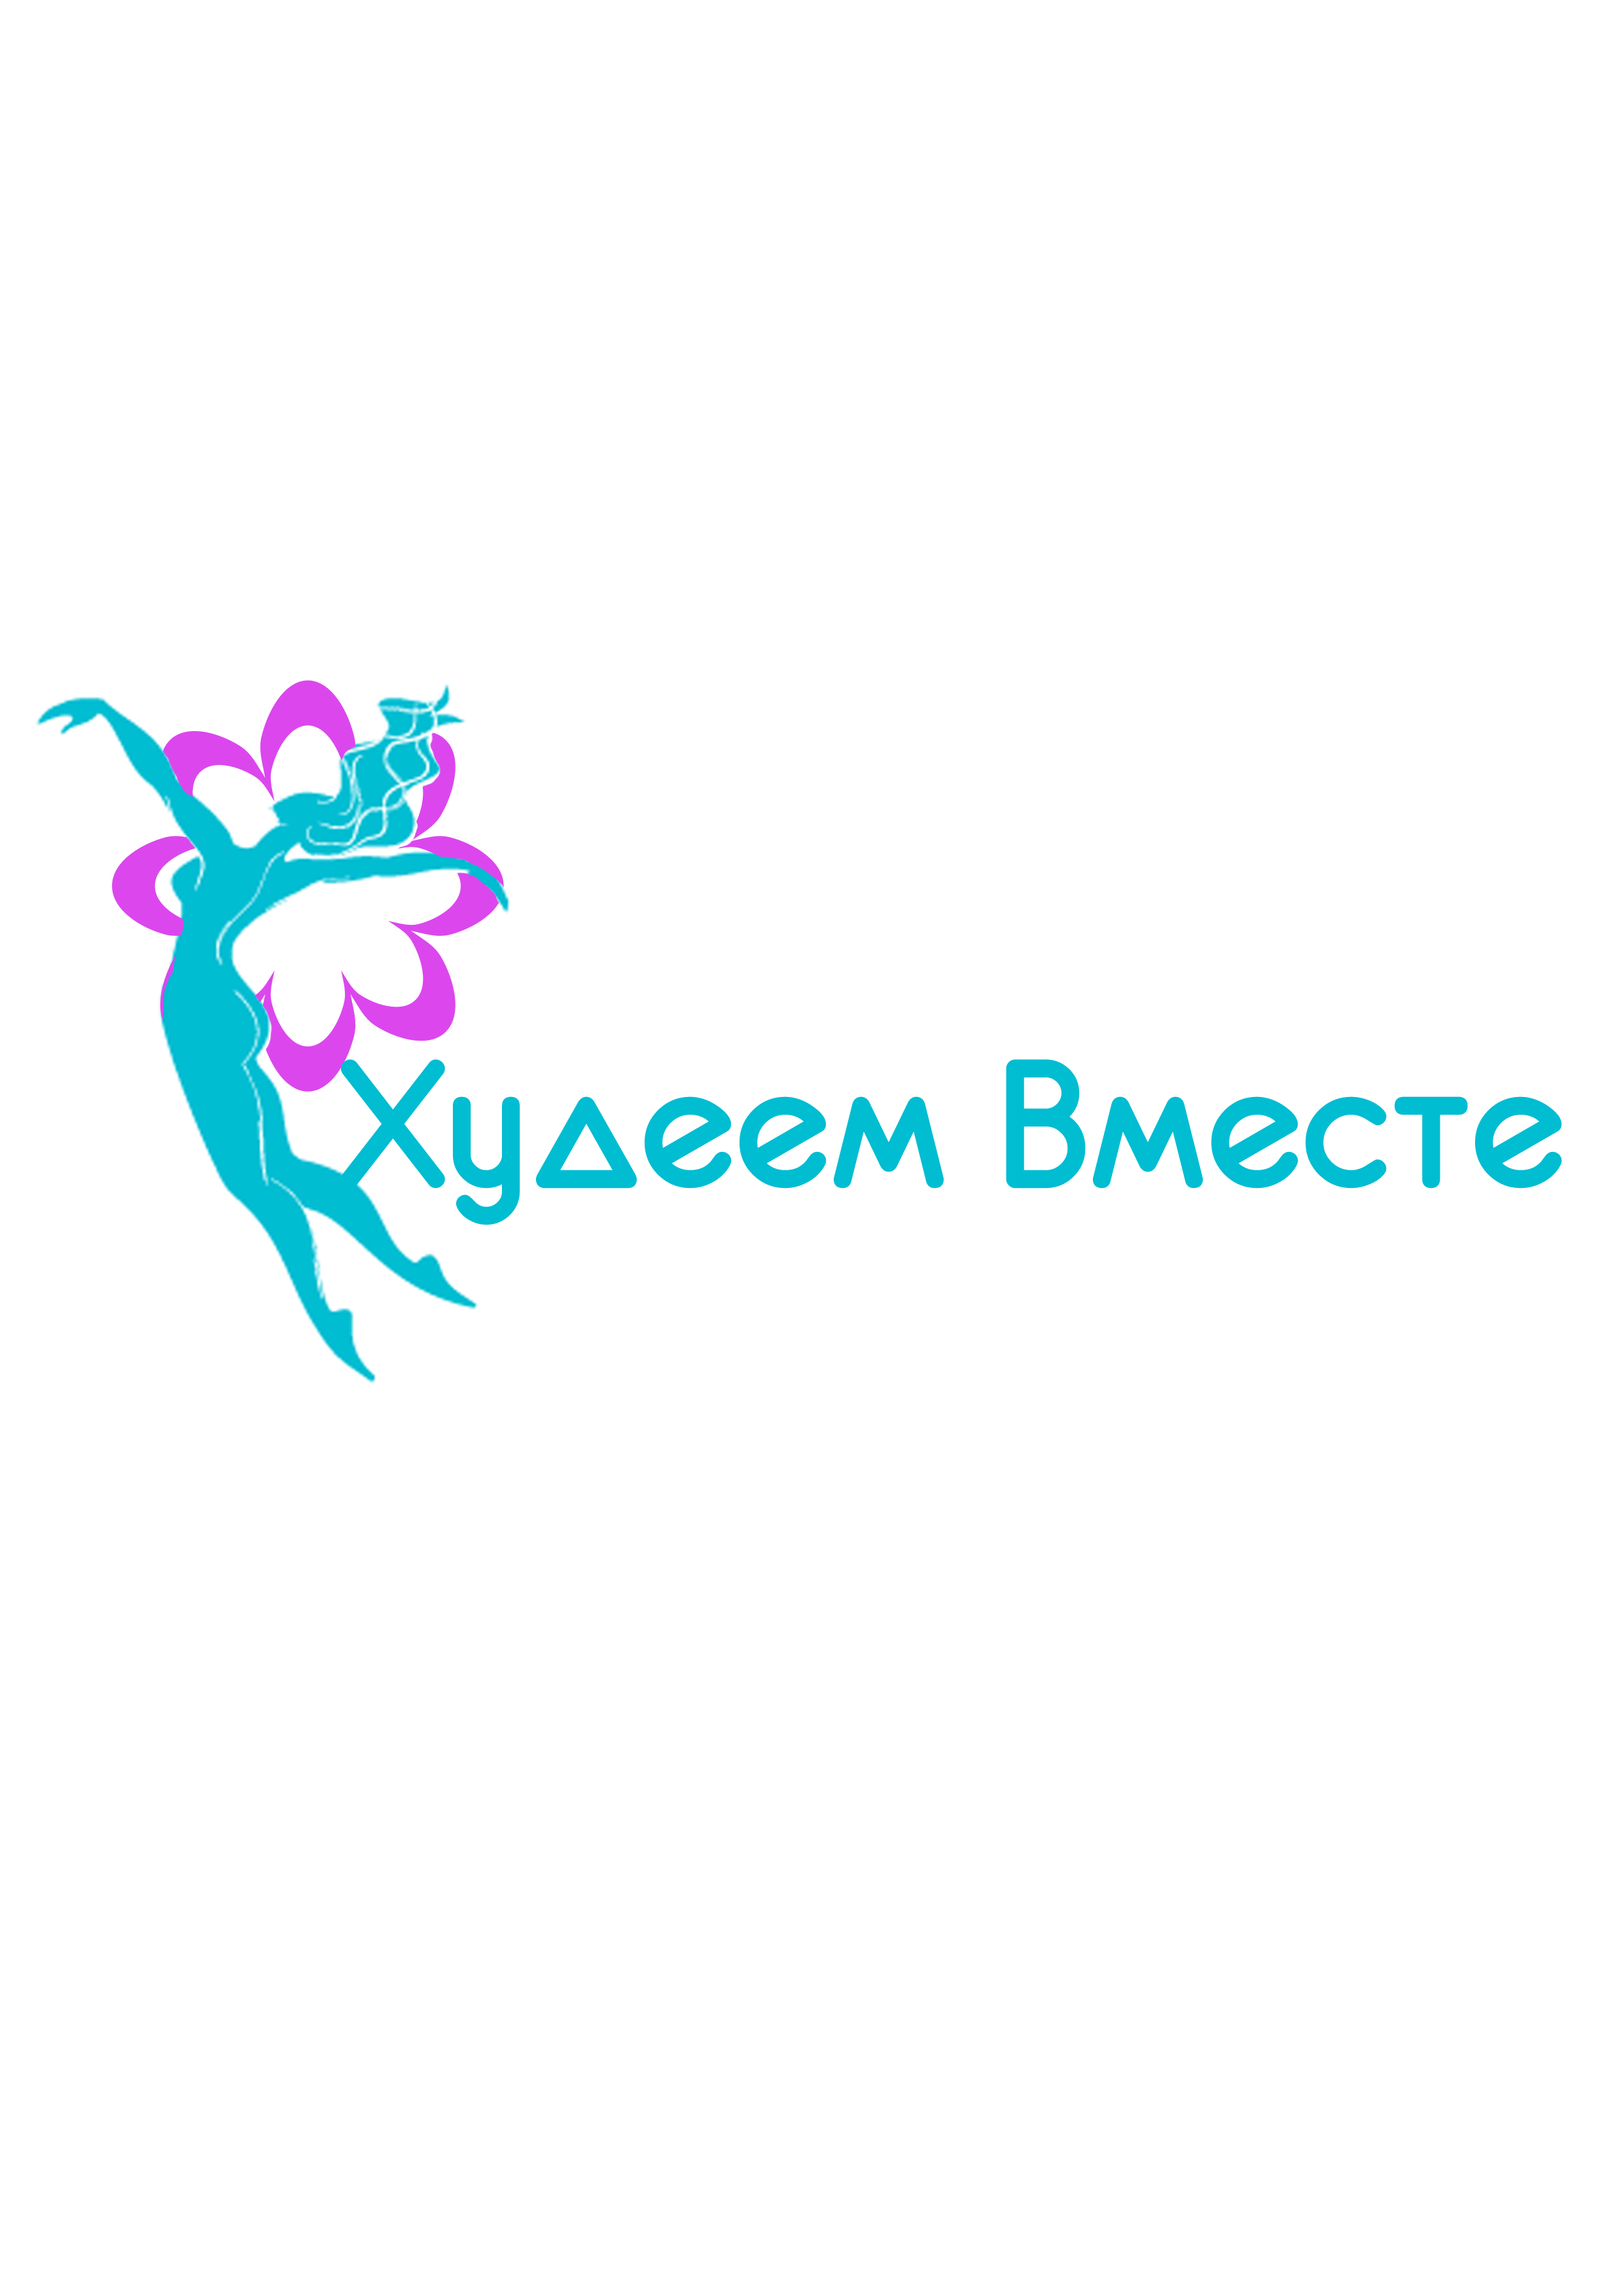 Фото логотип для группы в соц.сети (2 часа)